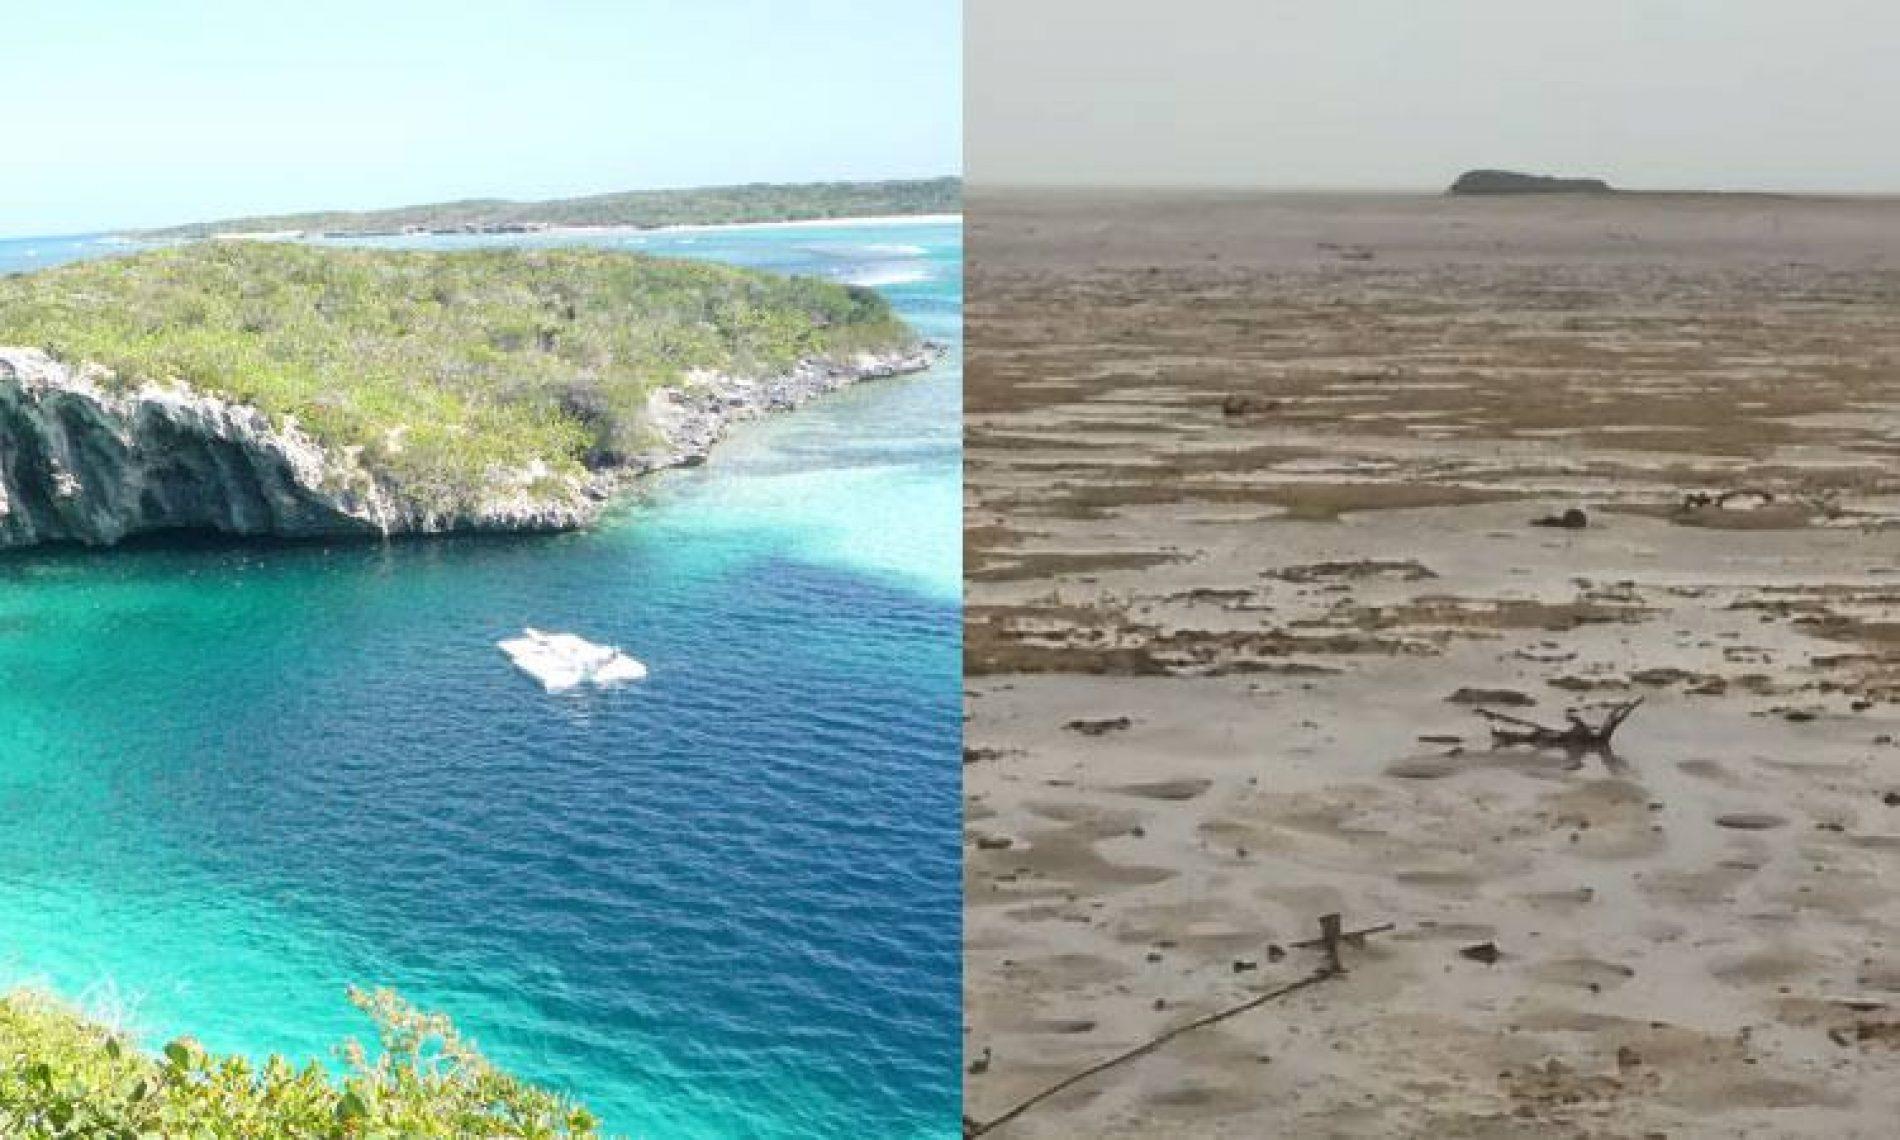 Impressionante! Furacão Irma suga água do oceano e destrói paraíso no Caribe; veja vídeo